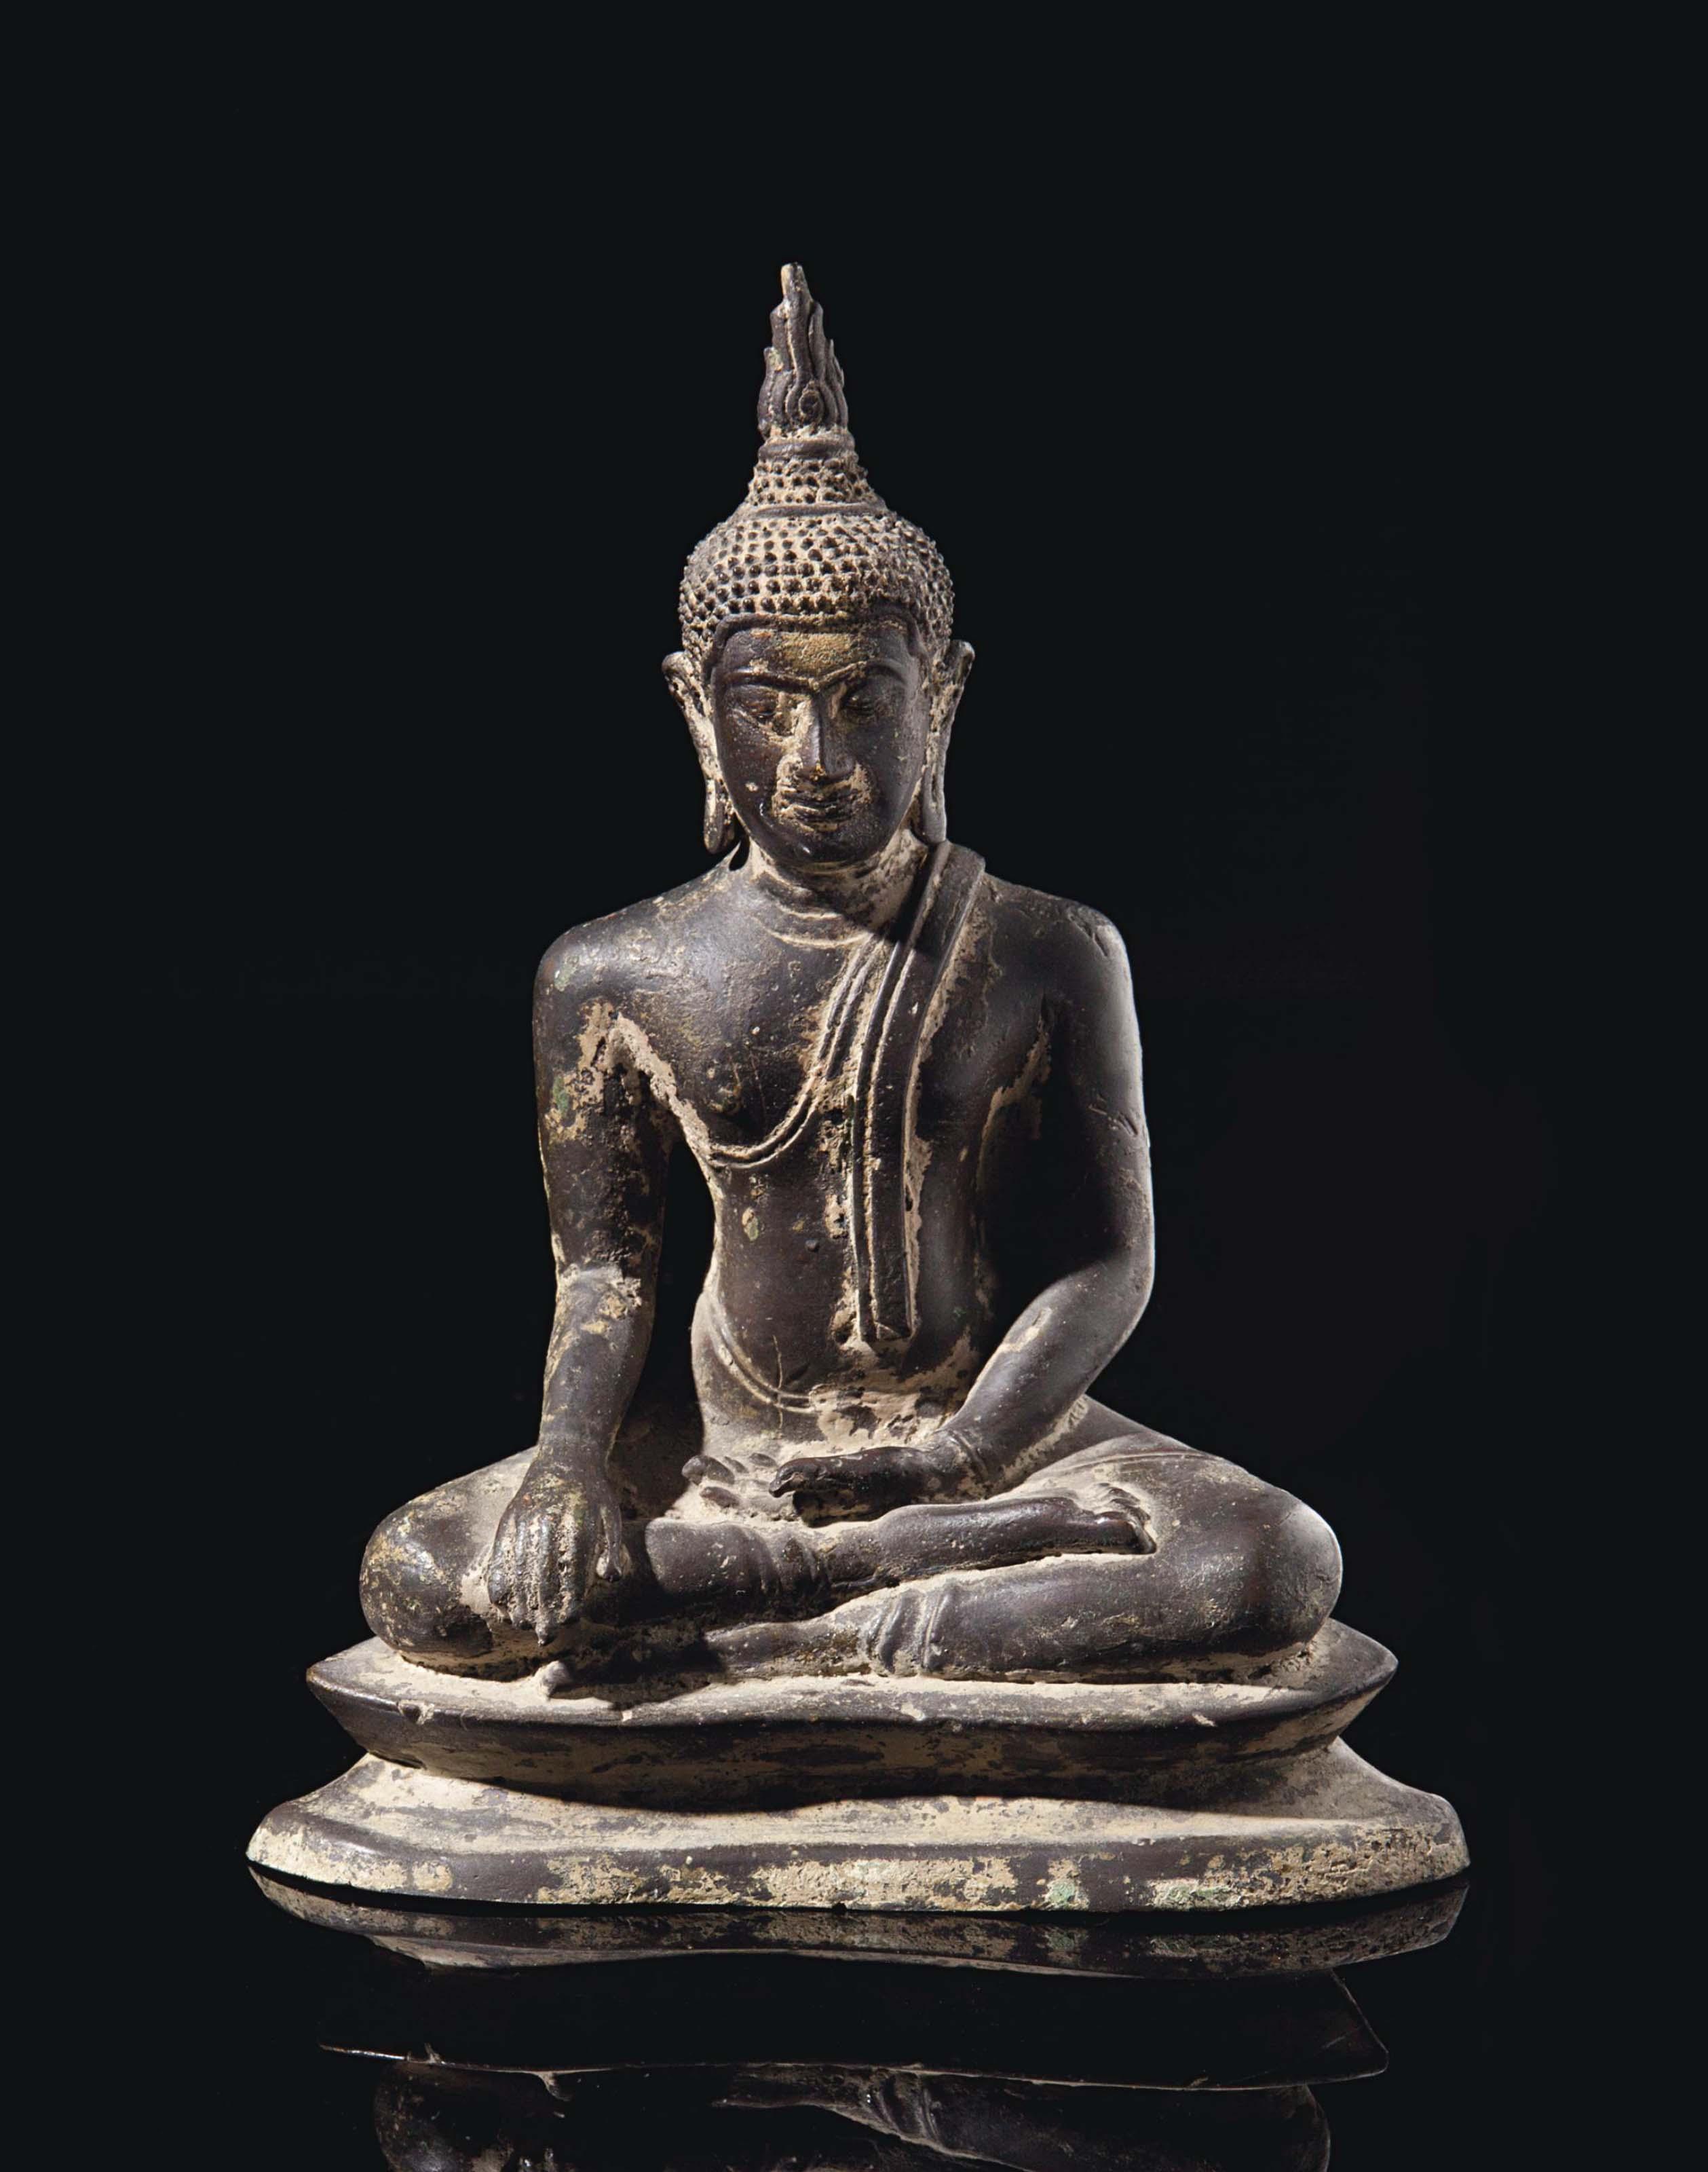 A BRONZE AYUTTAYA-STYLE SEATED FIGURE OF BUDDHA,